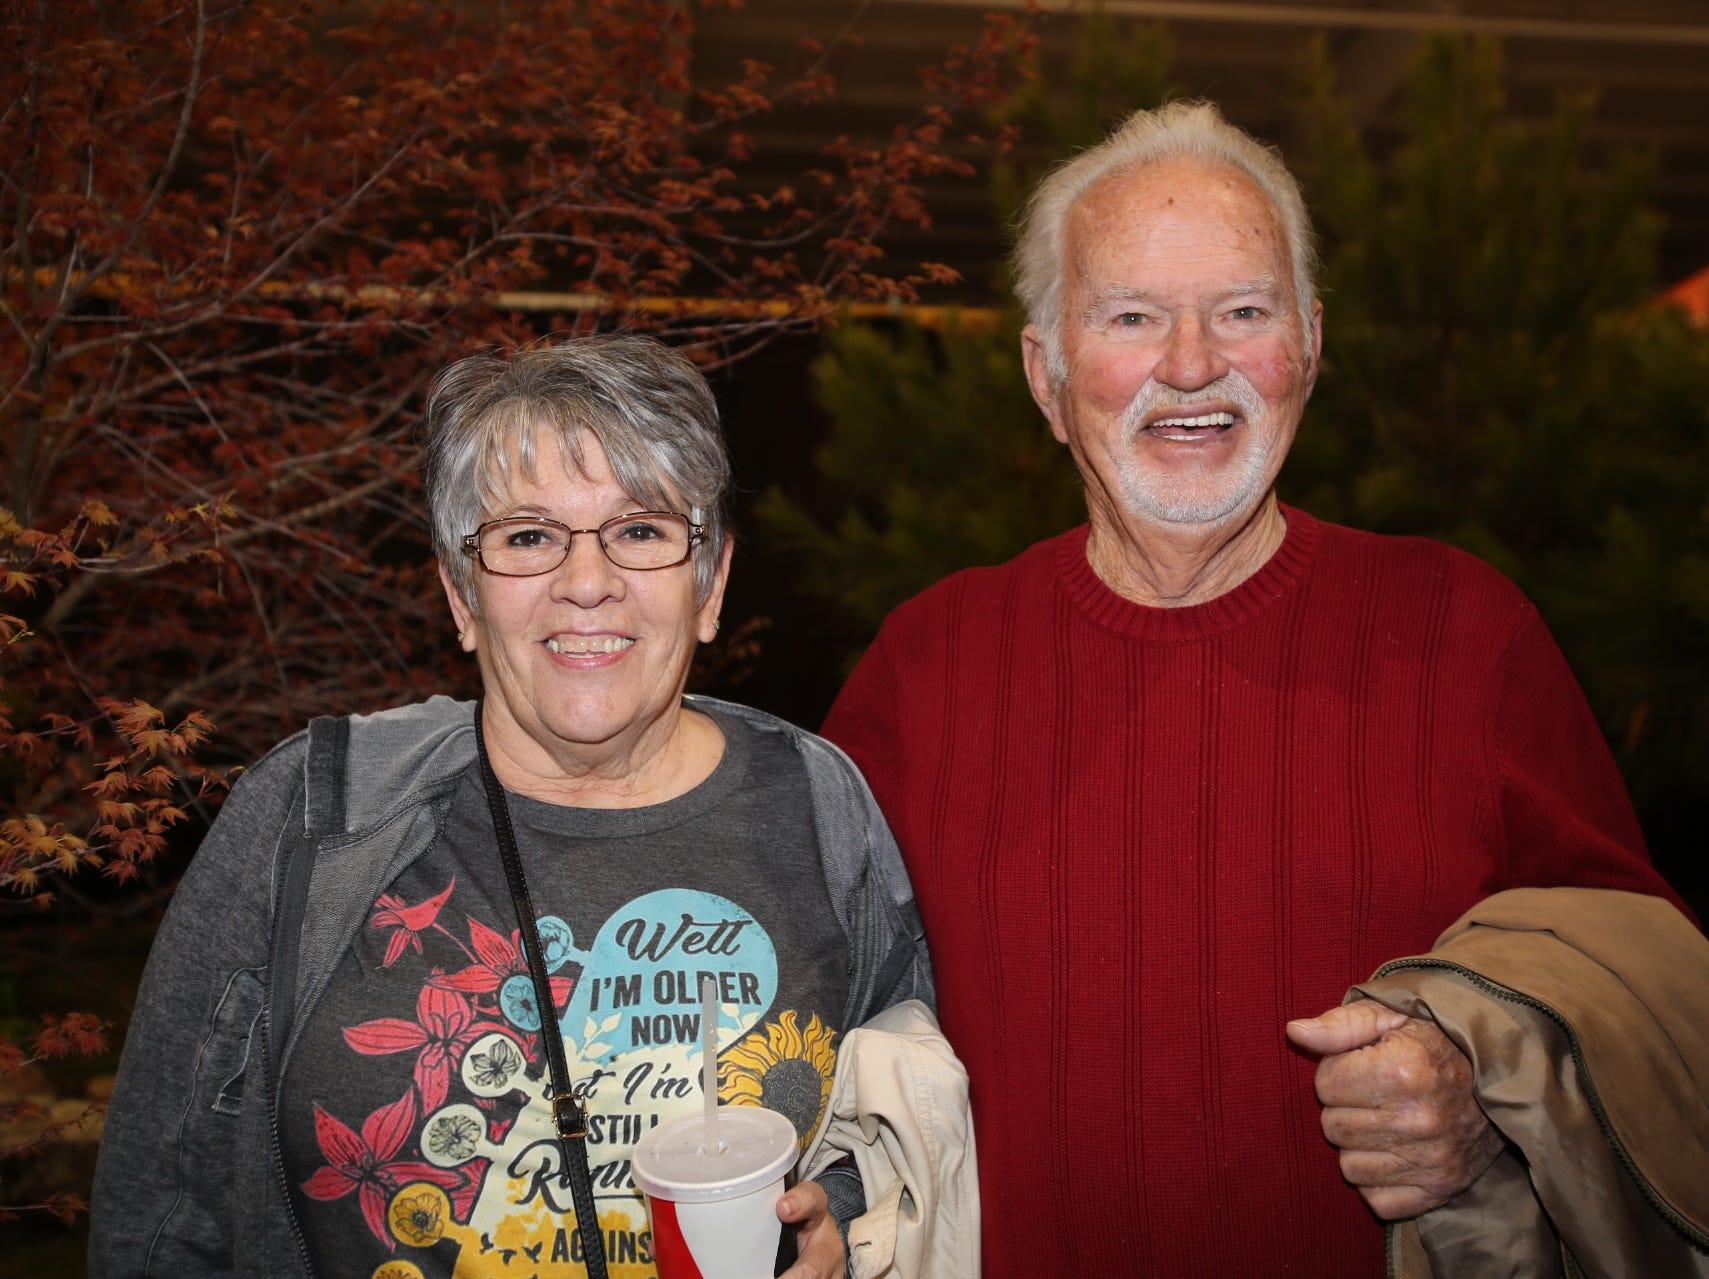 Patti Rouse and Ken Halteman